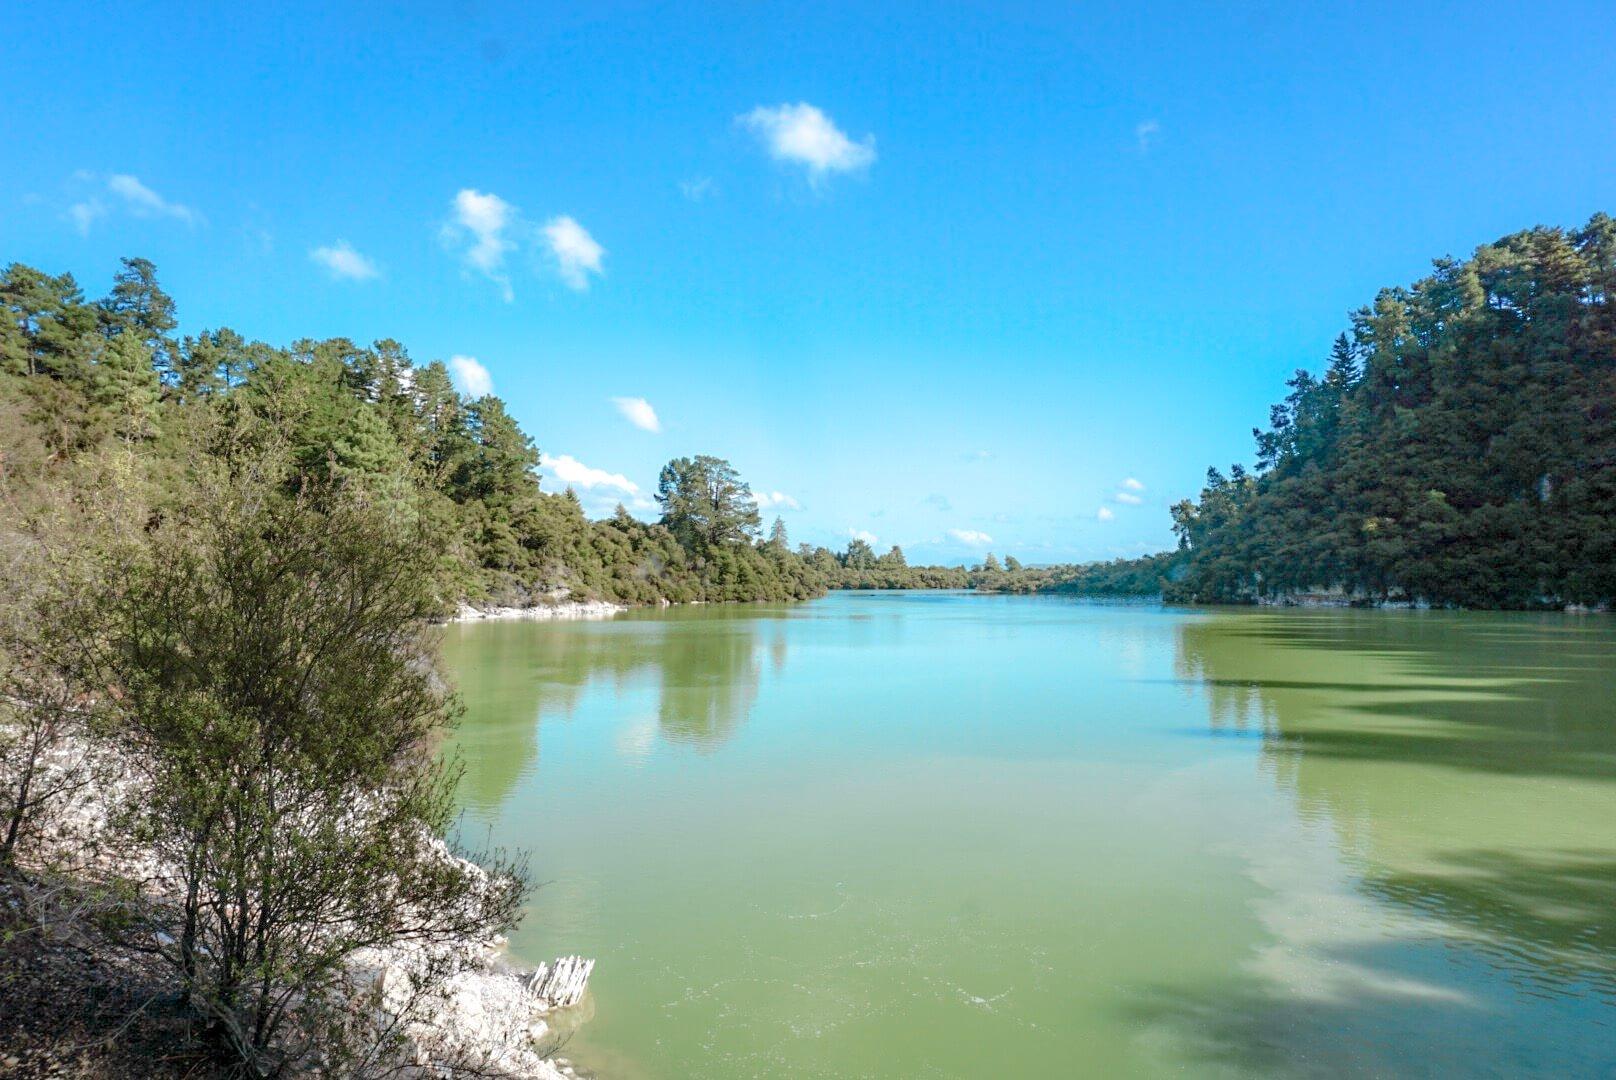 Visiter le circuit du parc wai-o-tapu lac vert